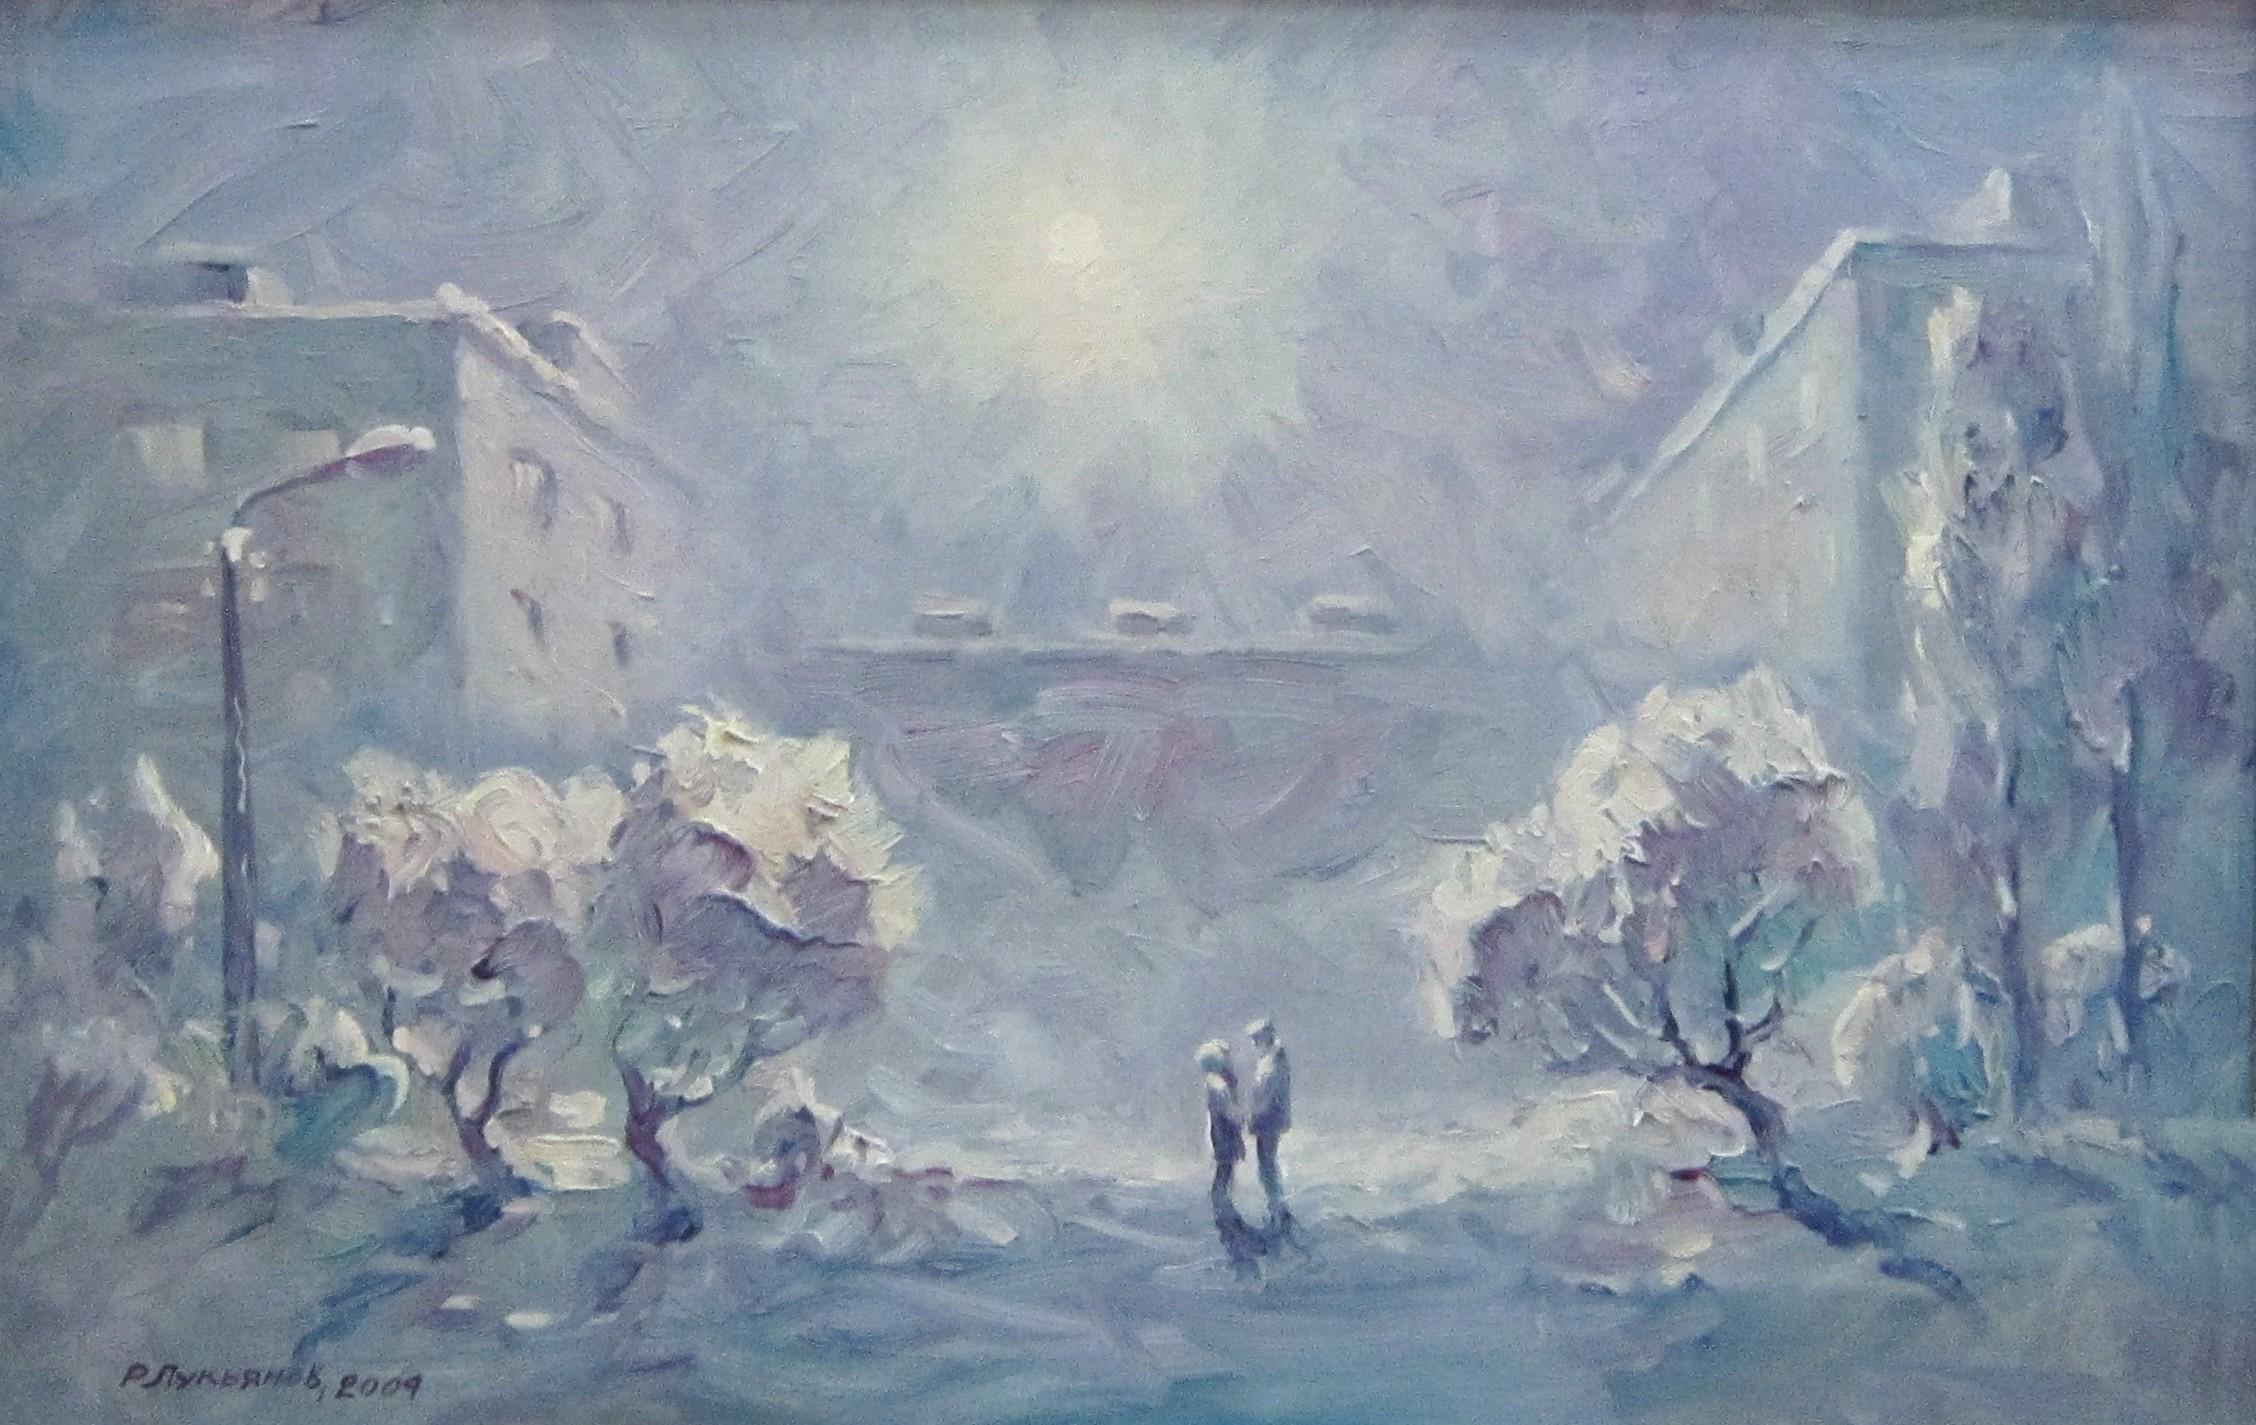 Рафаэль Ливериевич Лукьянов (род. в 1947 году). Двое в городе. 2004 год.